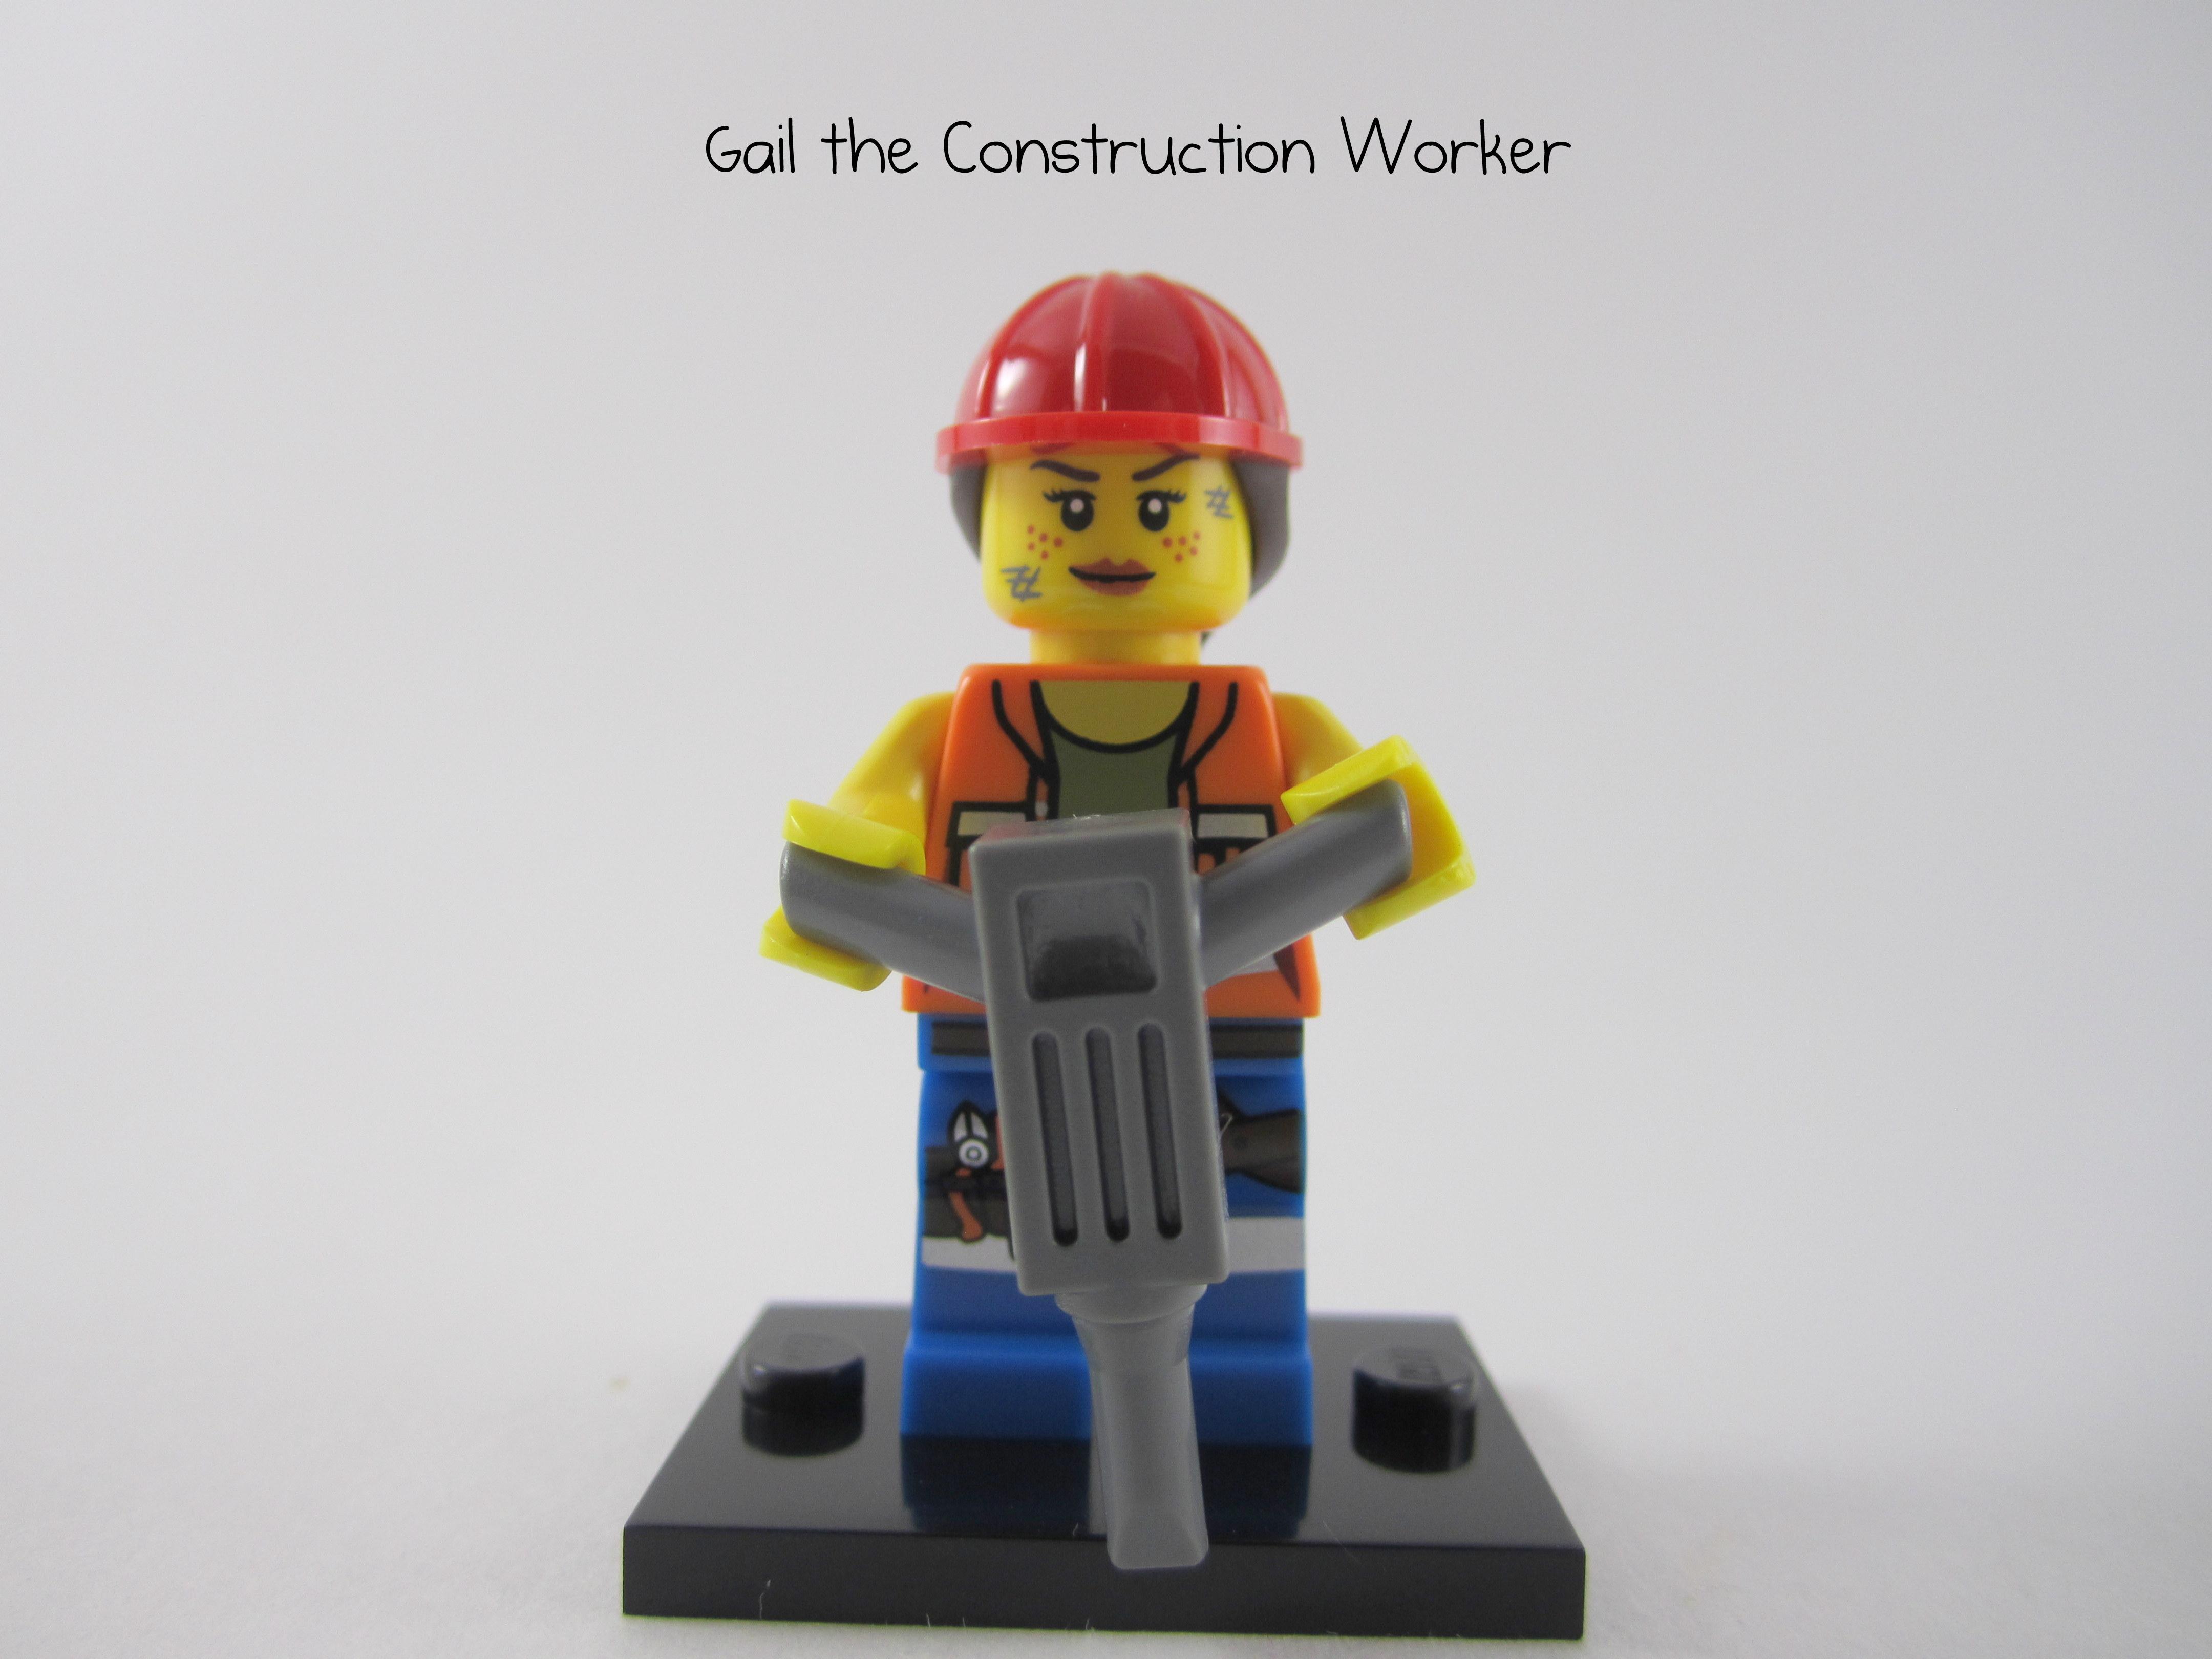 Lego Gail Minifig